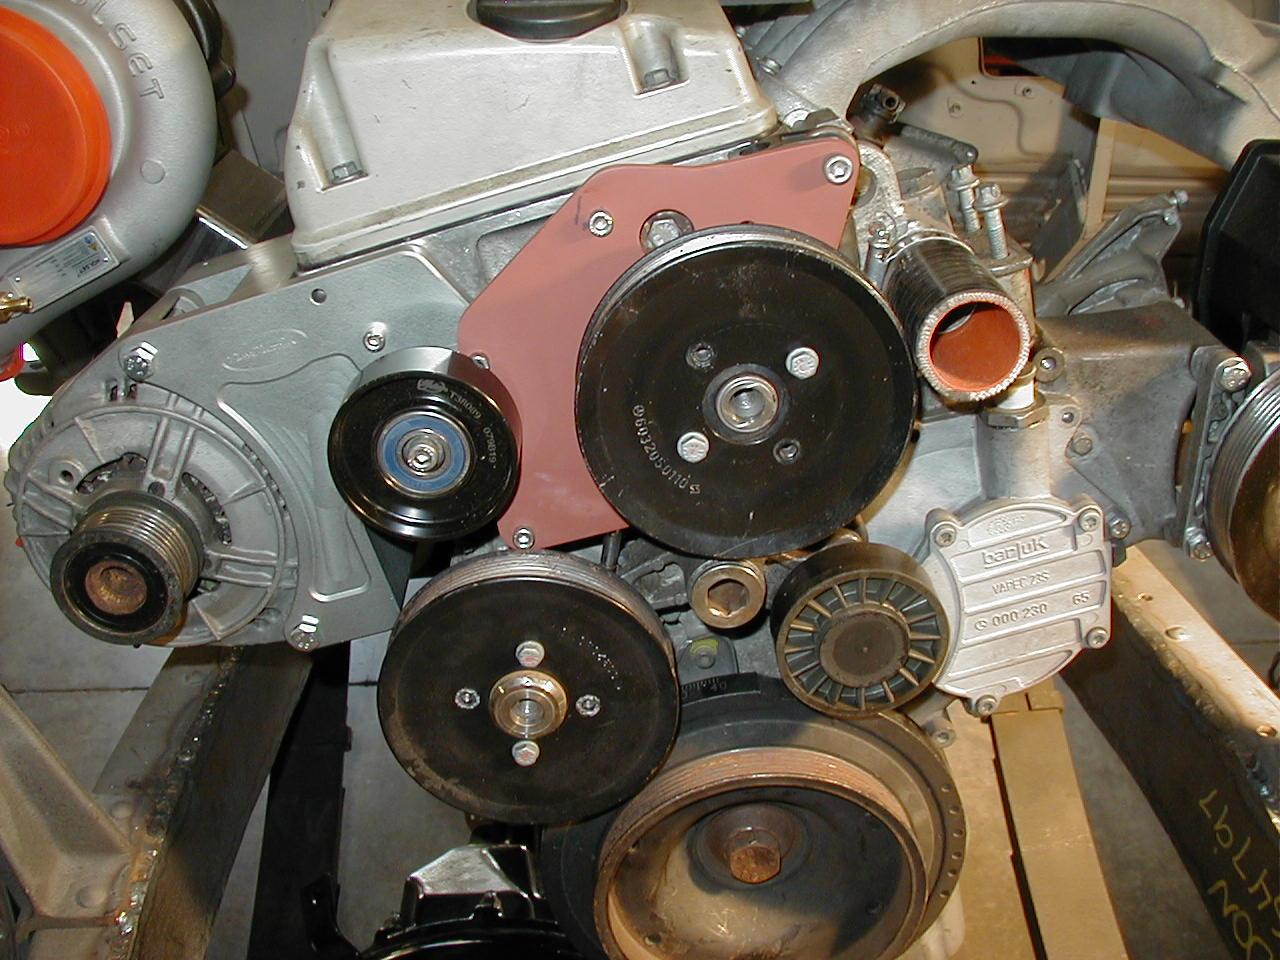 B9FD2267-F4A5-44FB-B552-B33415FED150.jpeg